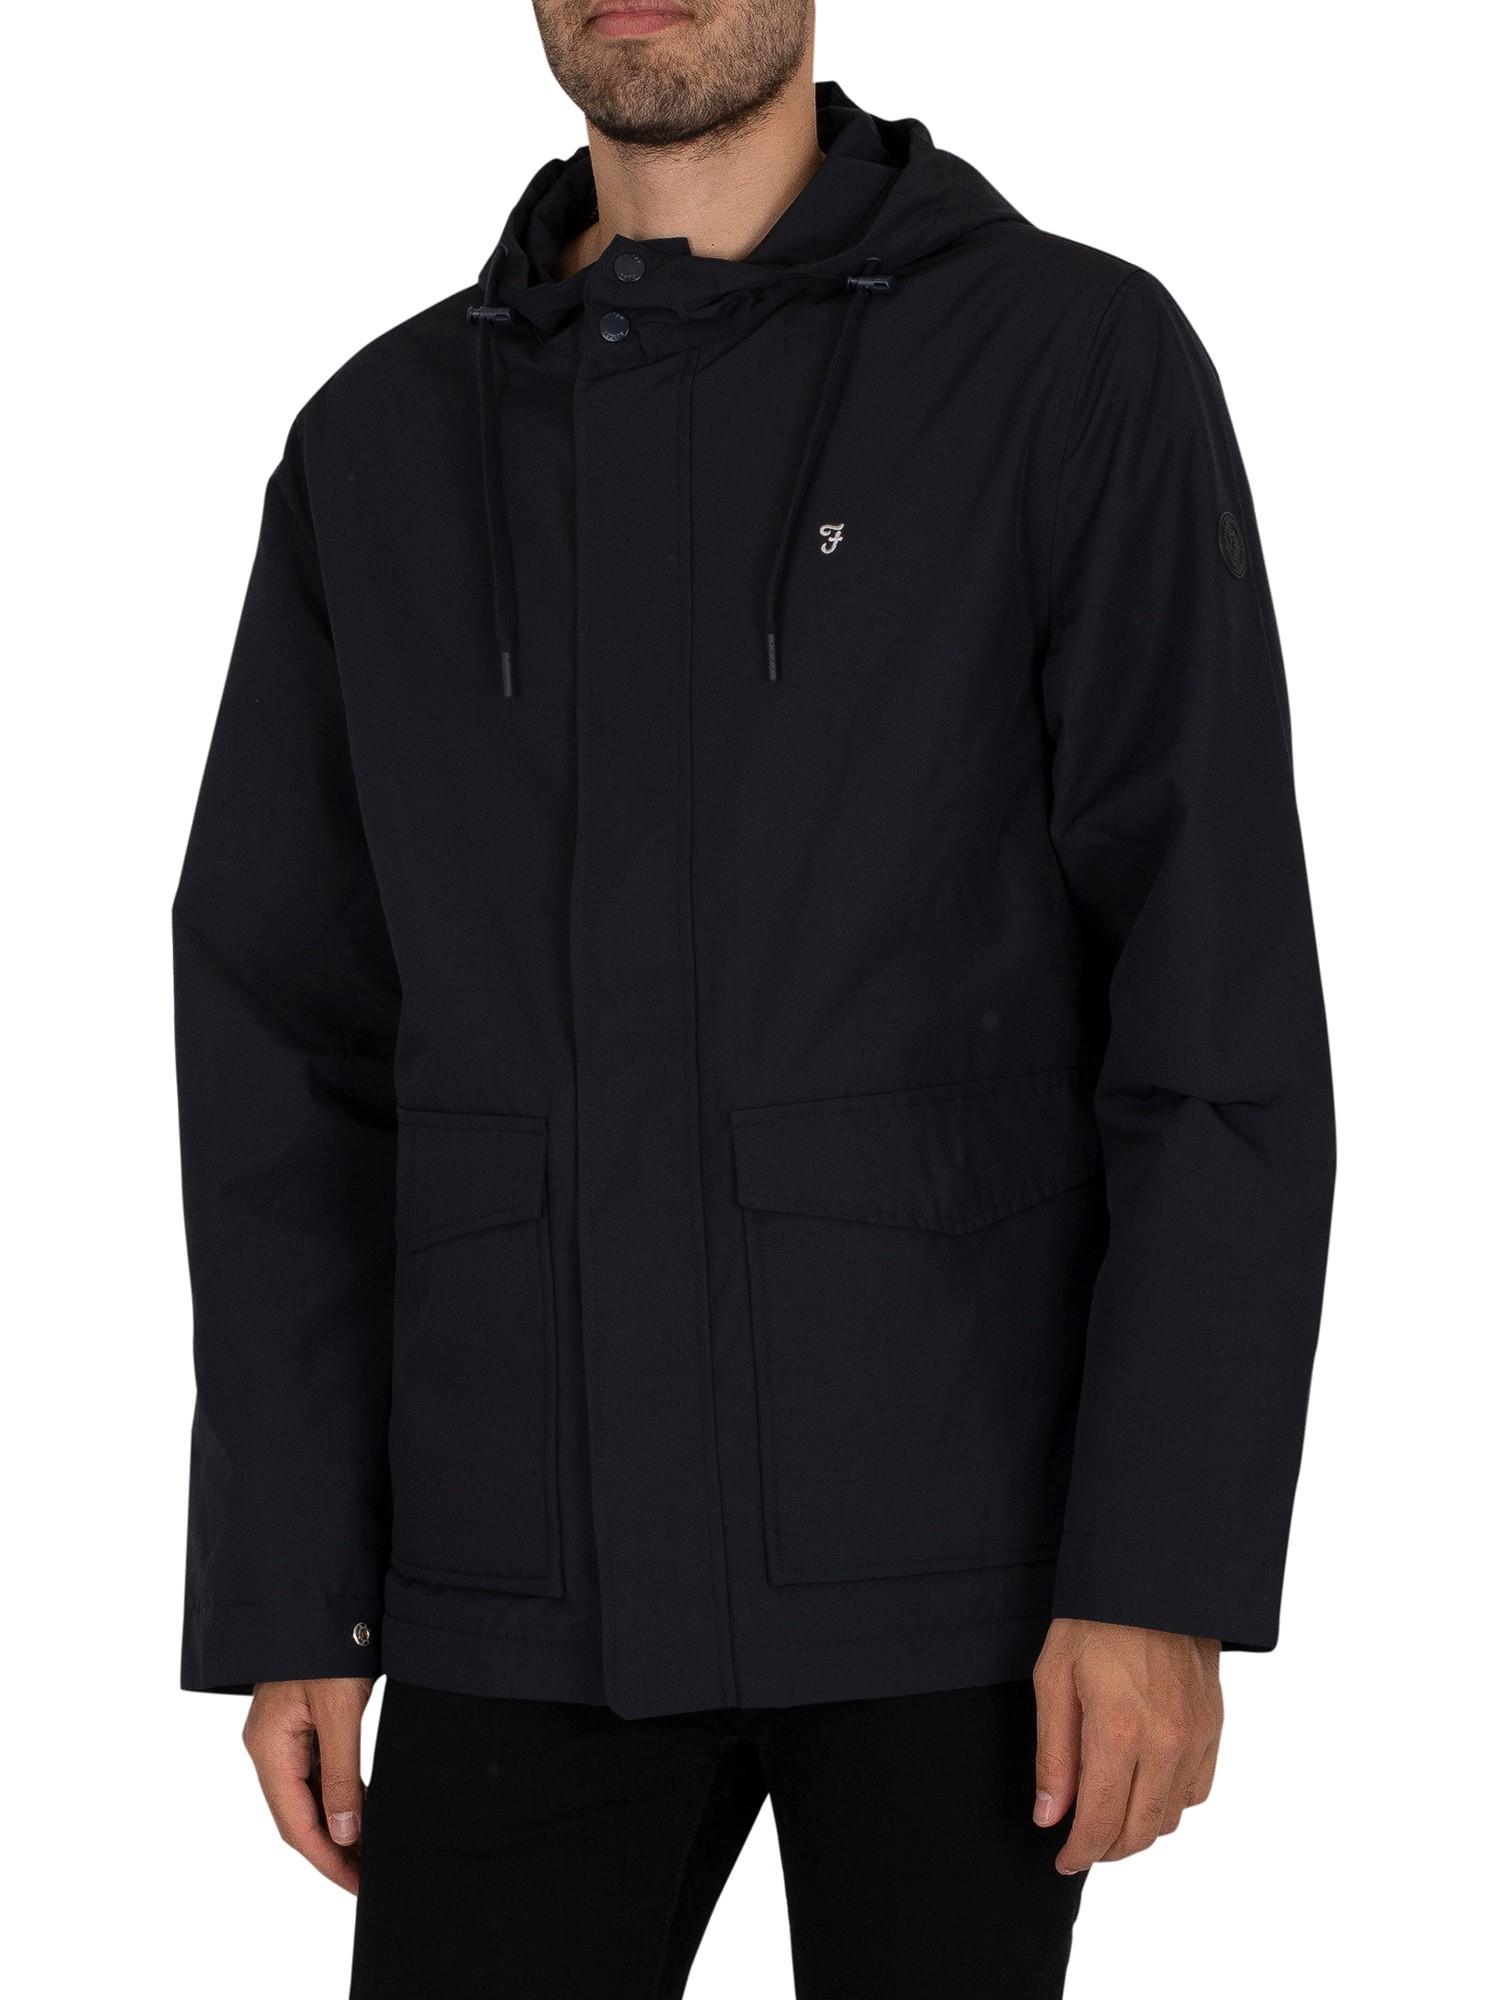 Higgs-Hooded-Jacket